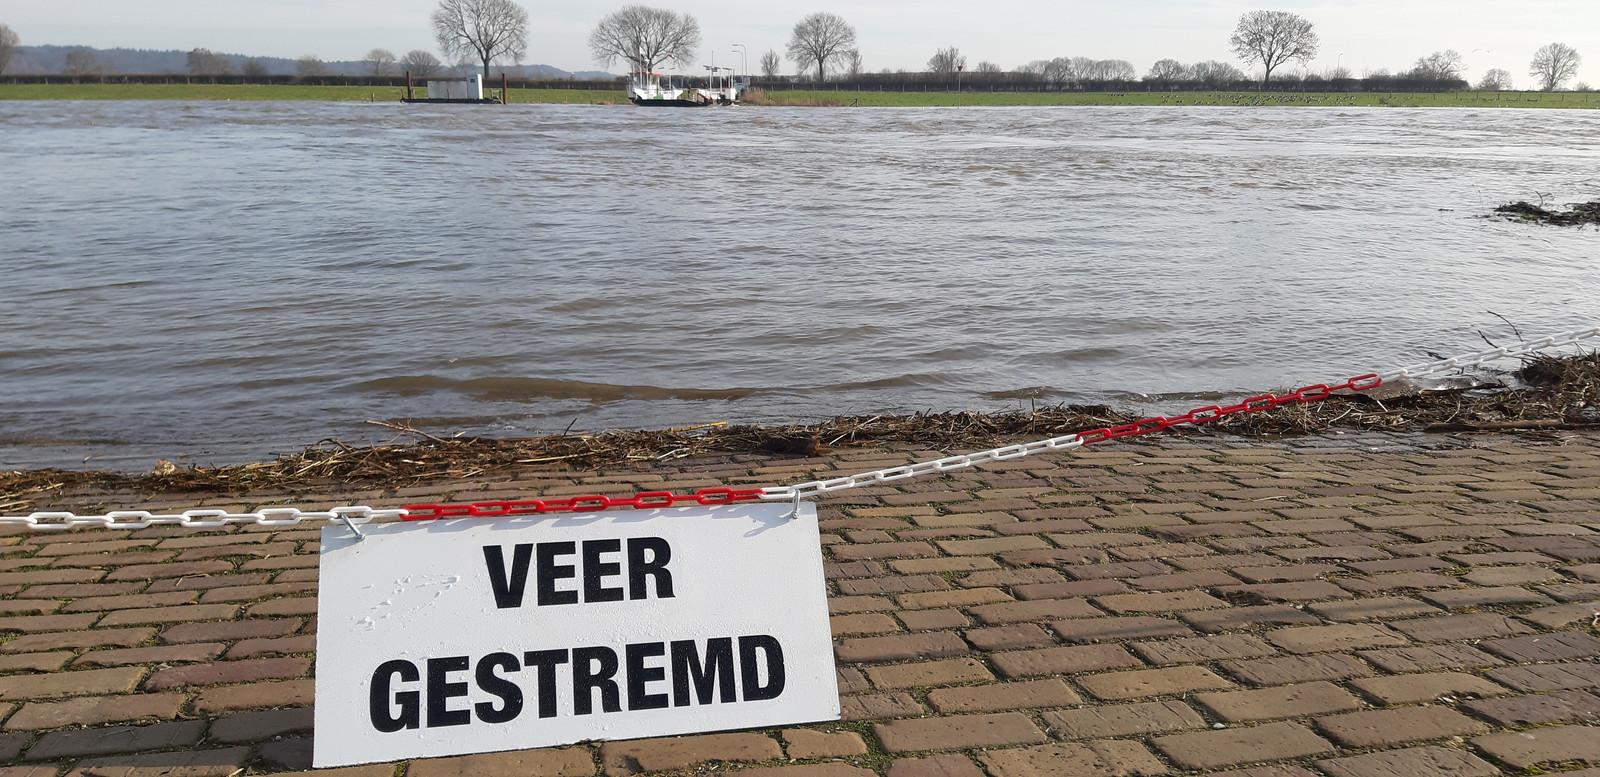 De pont tussen Cuijk en Middelaar is uit de vaart. Hier gezien vanaf de Maaskade in Cuijk.